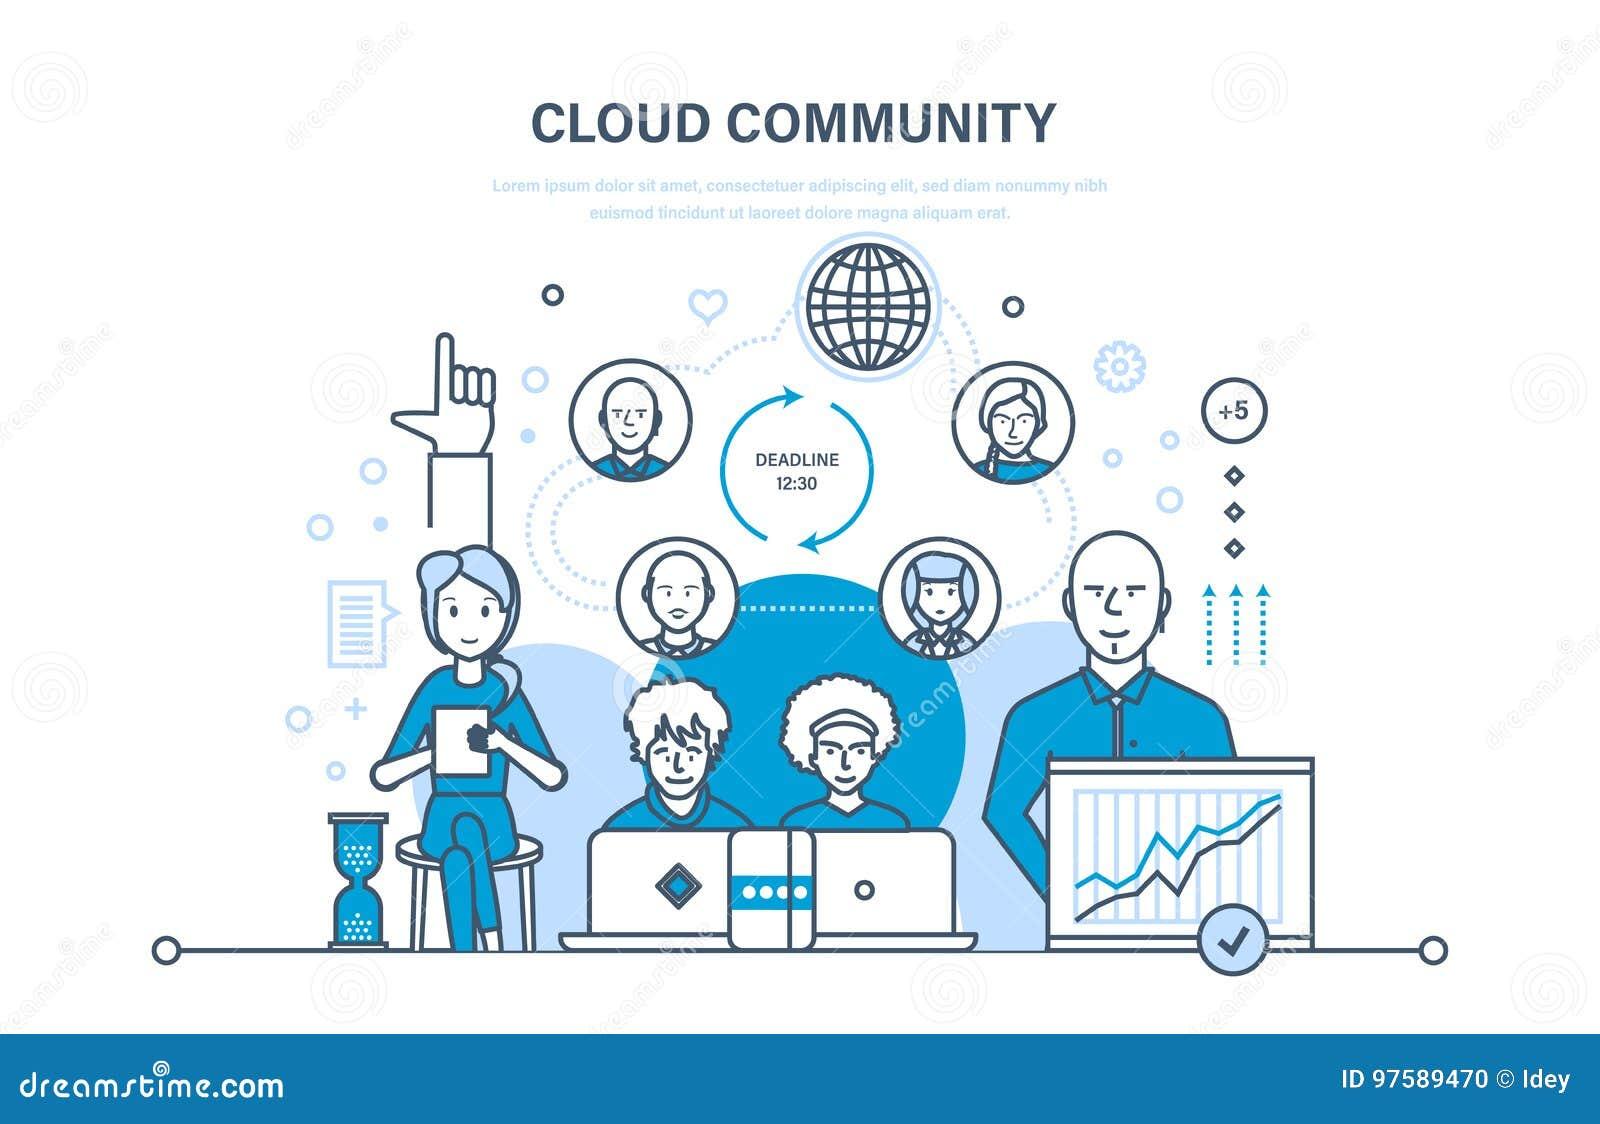 Obłoczna społeczność, poparcie, komunikacje, technologie informacyjne, informacje zwrotne, rozwój oprogramowanie